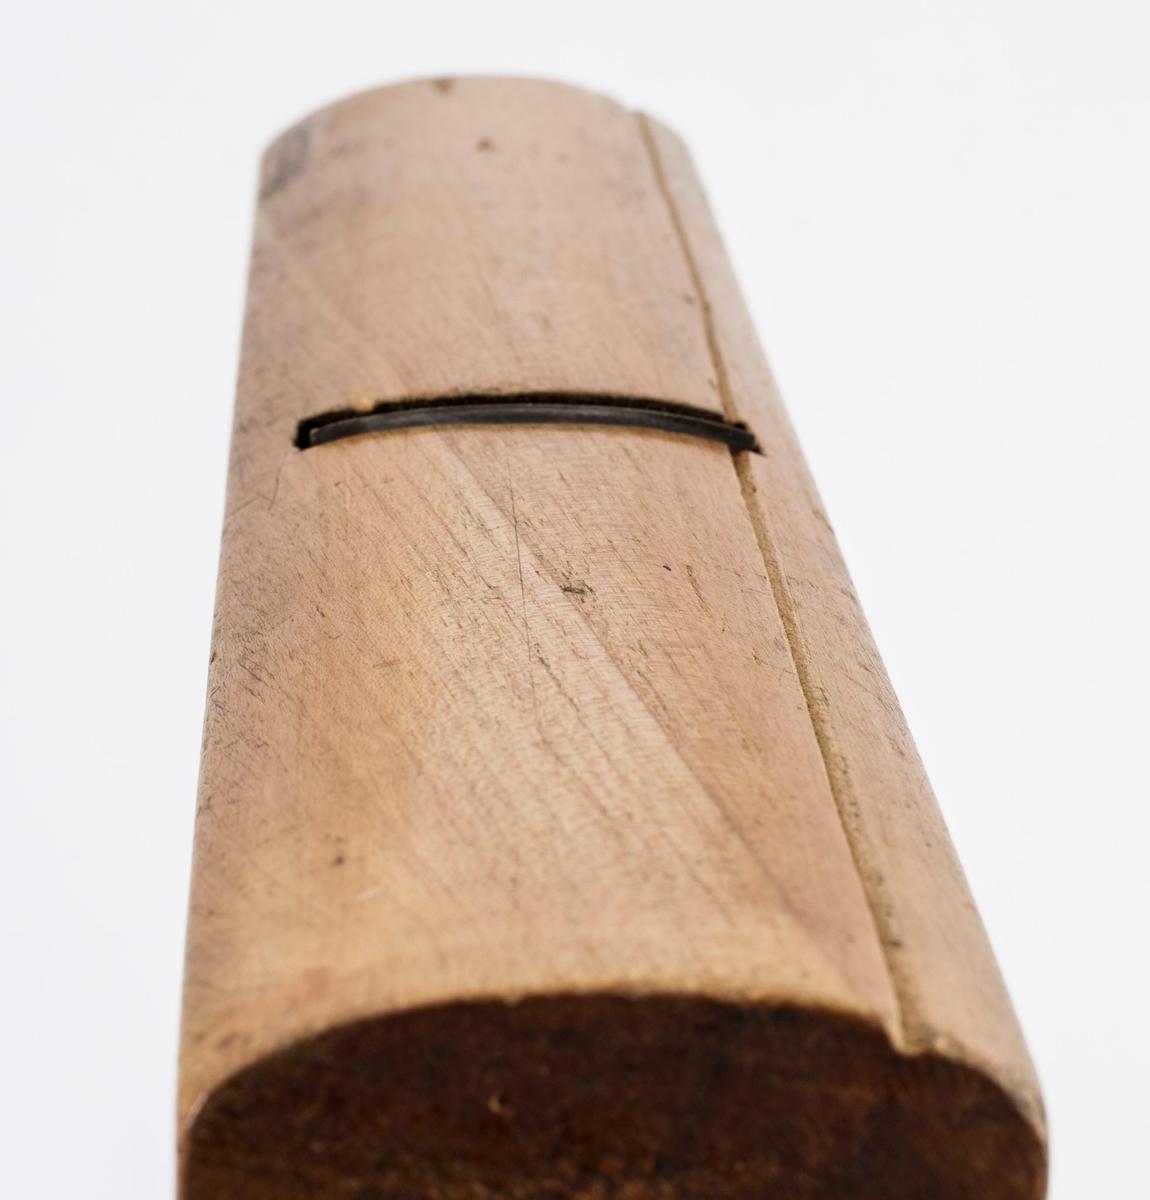 """Høvel i tre med horn/håndtak, kile og høveljern. Jernet er av merket """"WILLIAM ASH & CO, WARRANTED CAST STEEL"""". På høyre langside er det to ganger brent inn SV."""